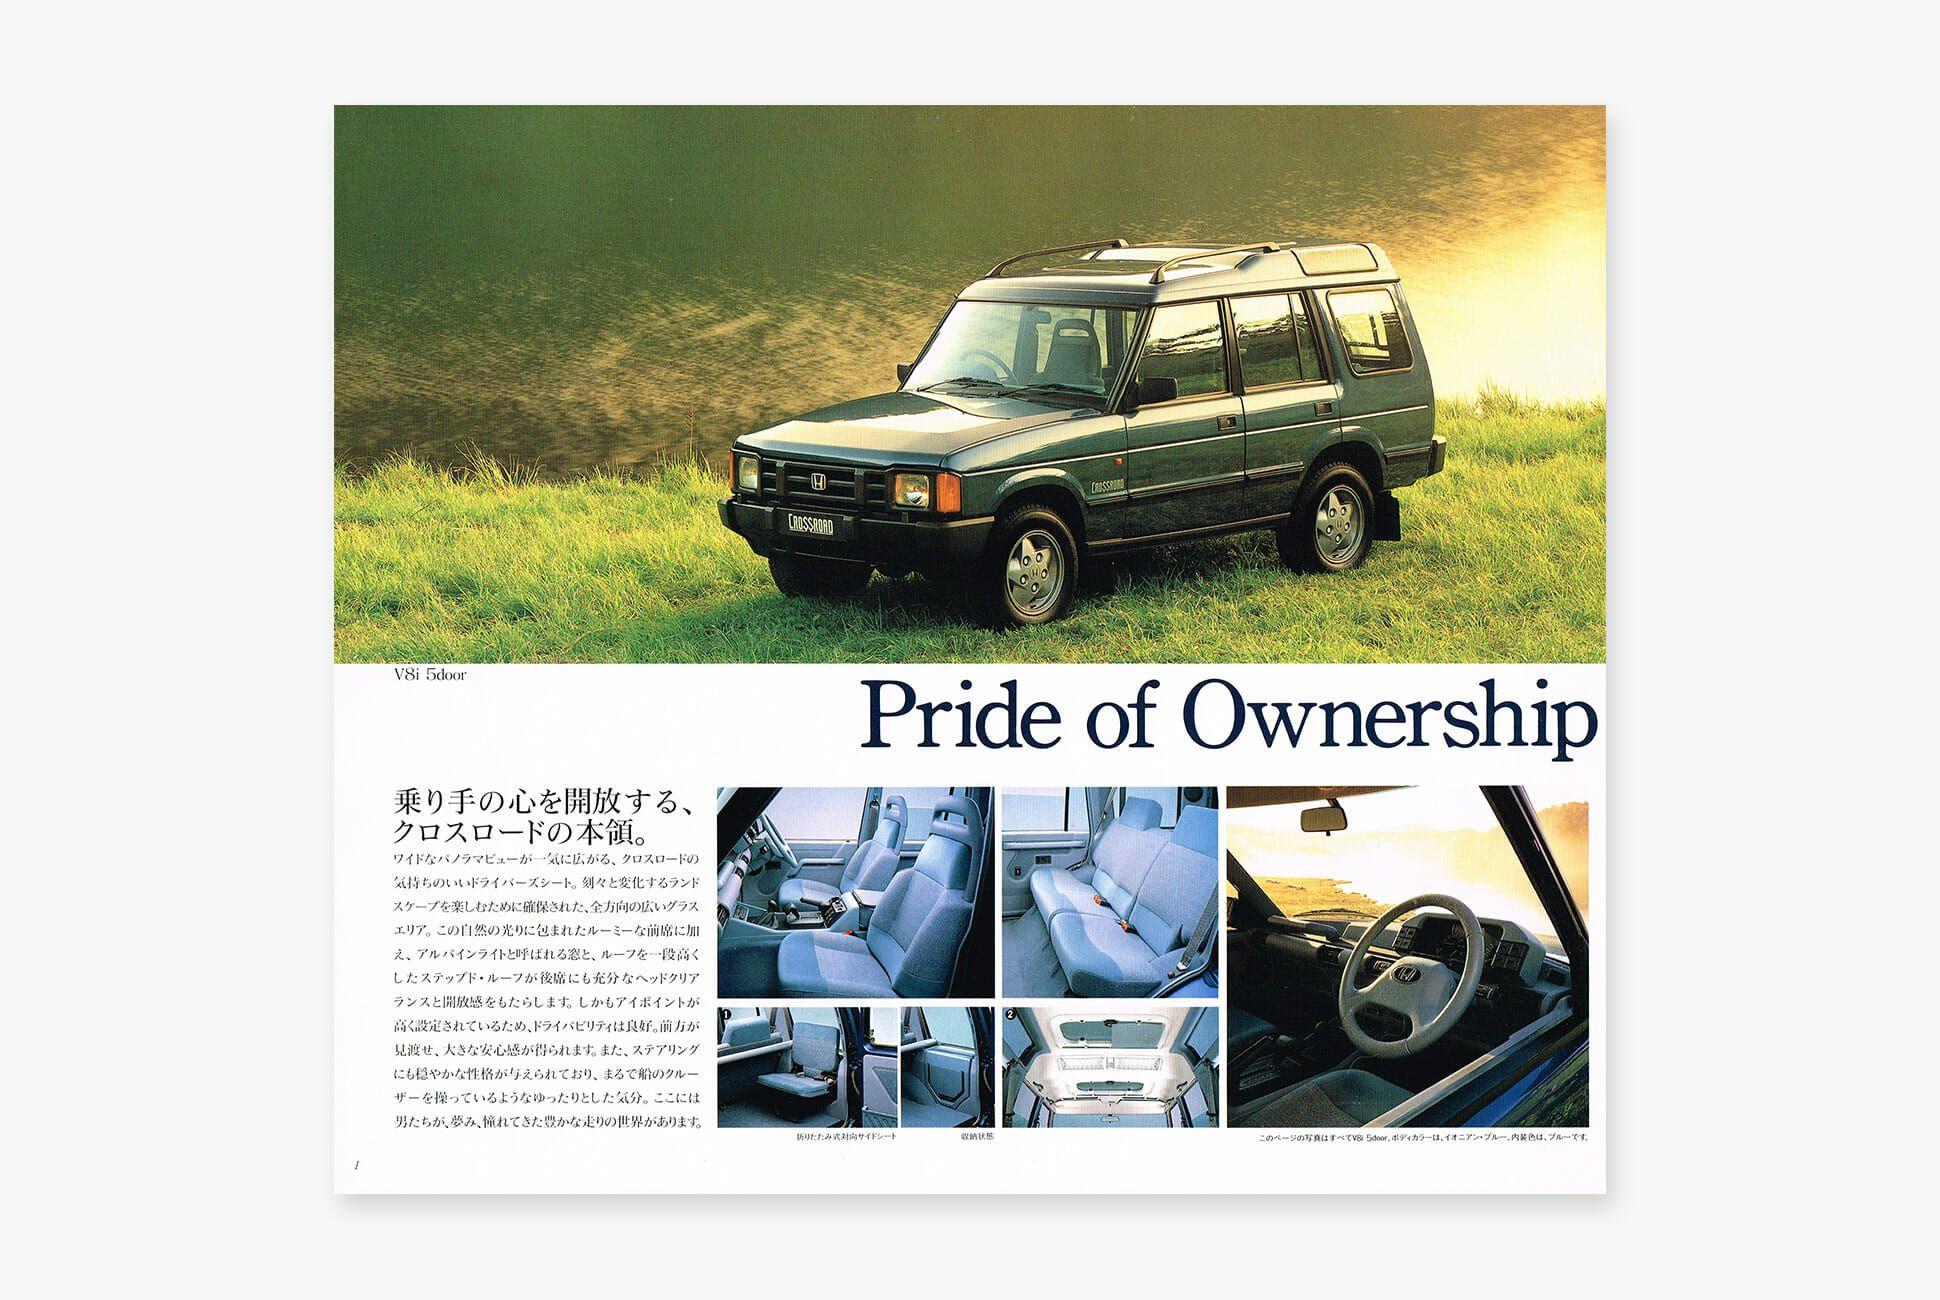 Honda-Crossroad-Land-Rover-gear-patrol-slide-3